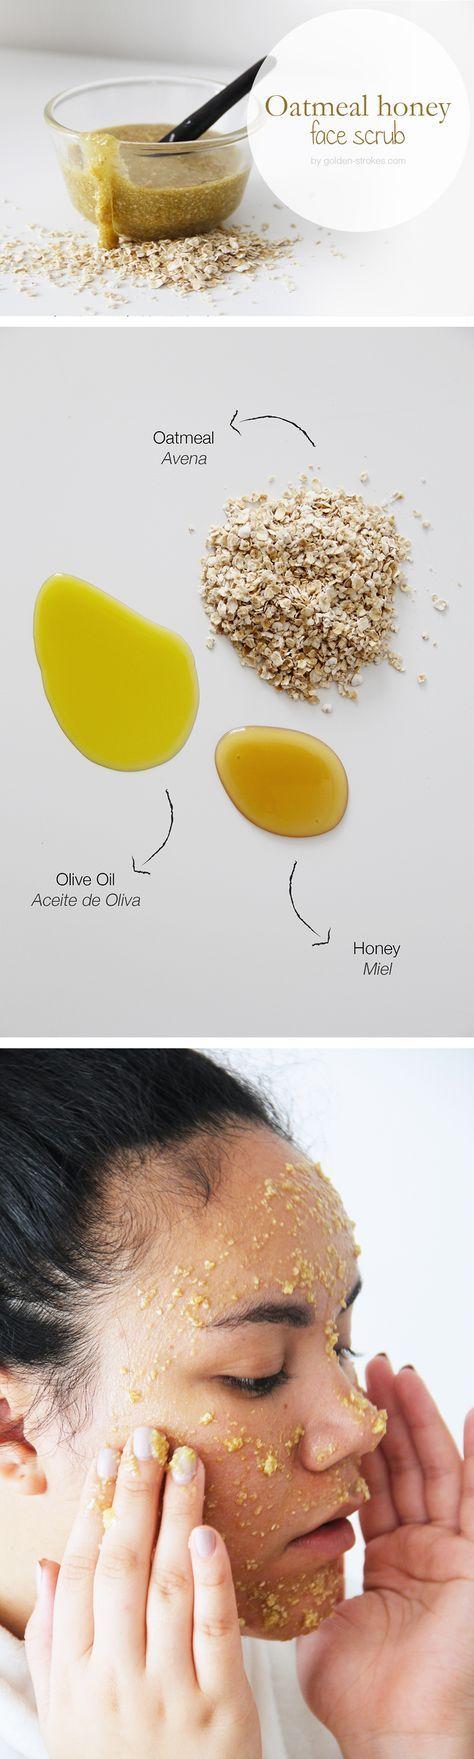 Oatmeal honey face scrub DIY | GOLDEN STROKES